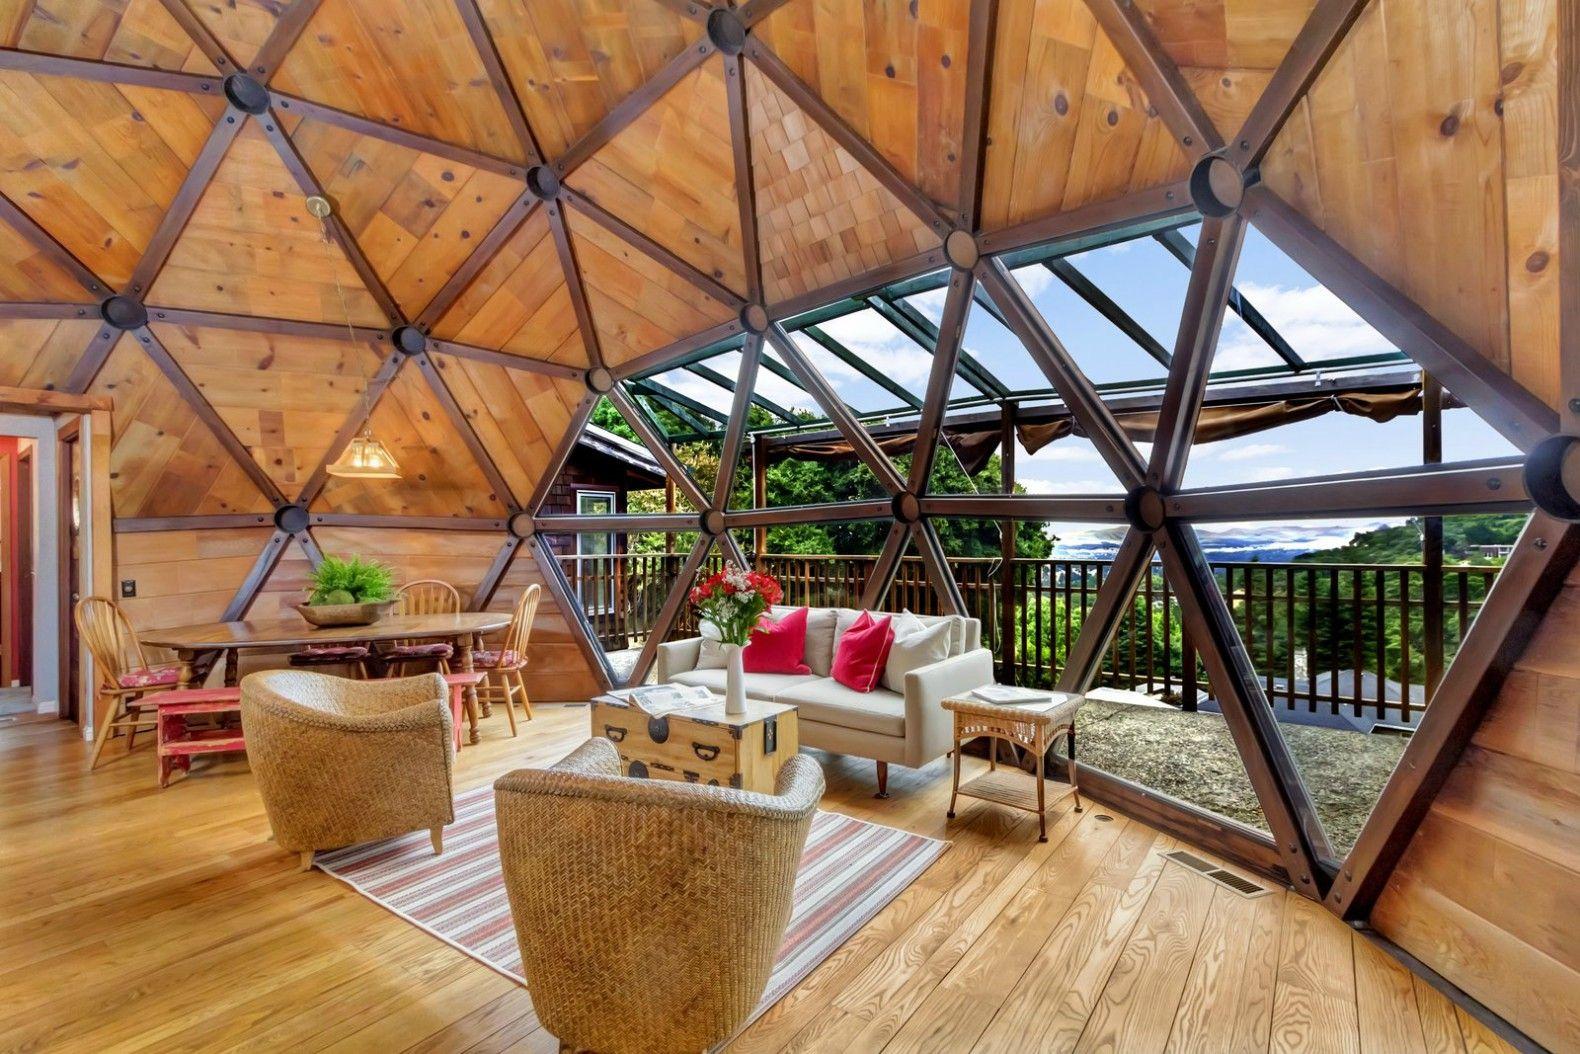 Interior design dome home - House